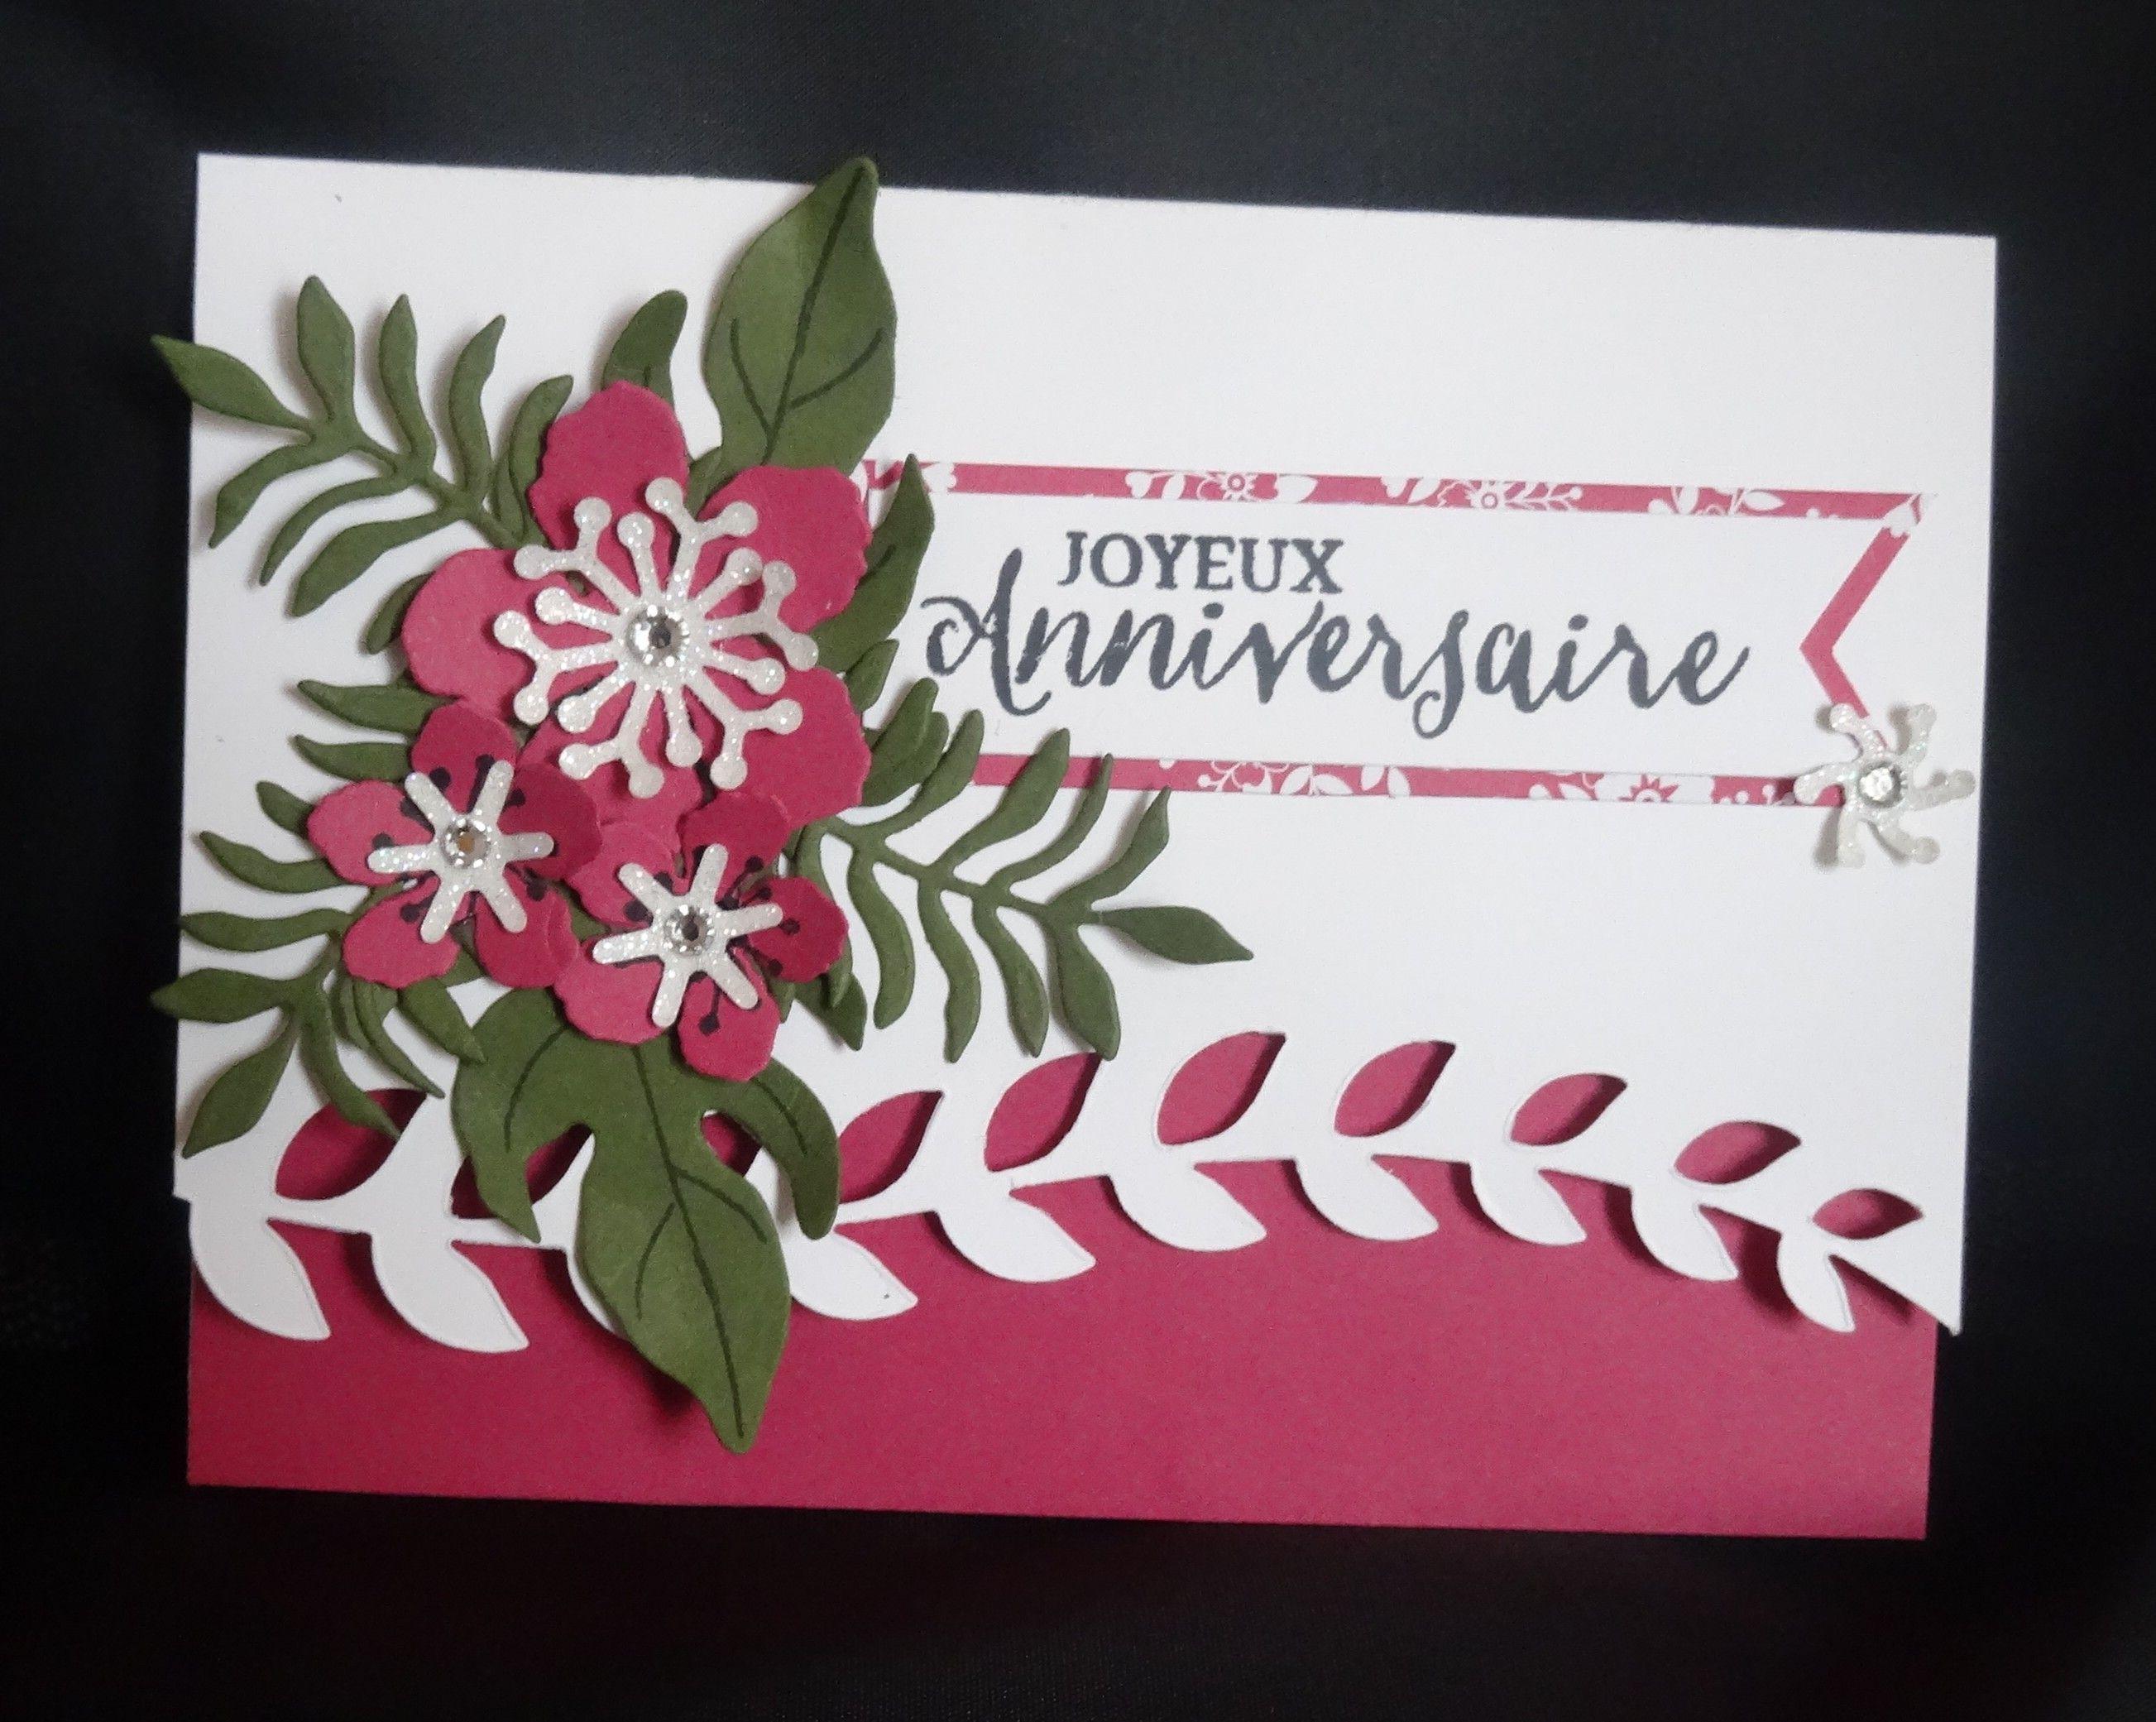 Joyeux Anniversaire Celinestamp Idees De Cartes Carte De Fete Cartes D Anniversaire Faites A La Main